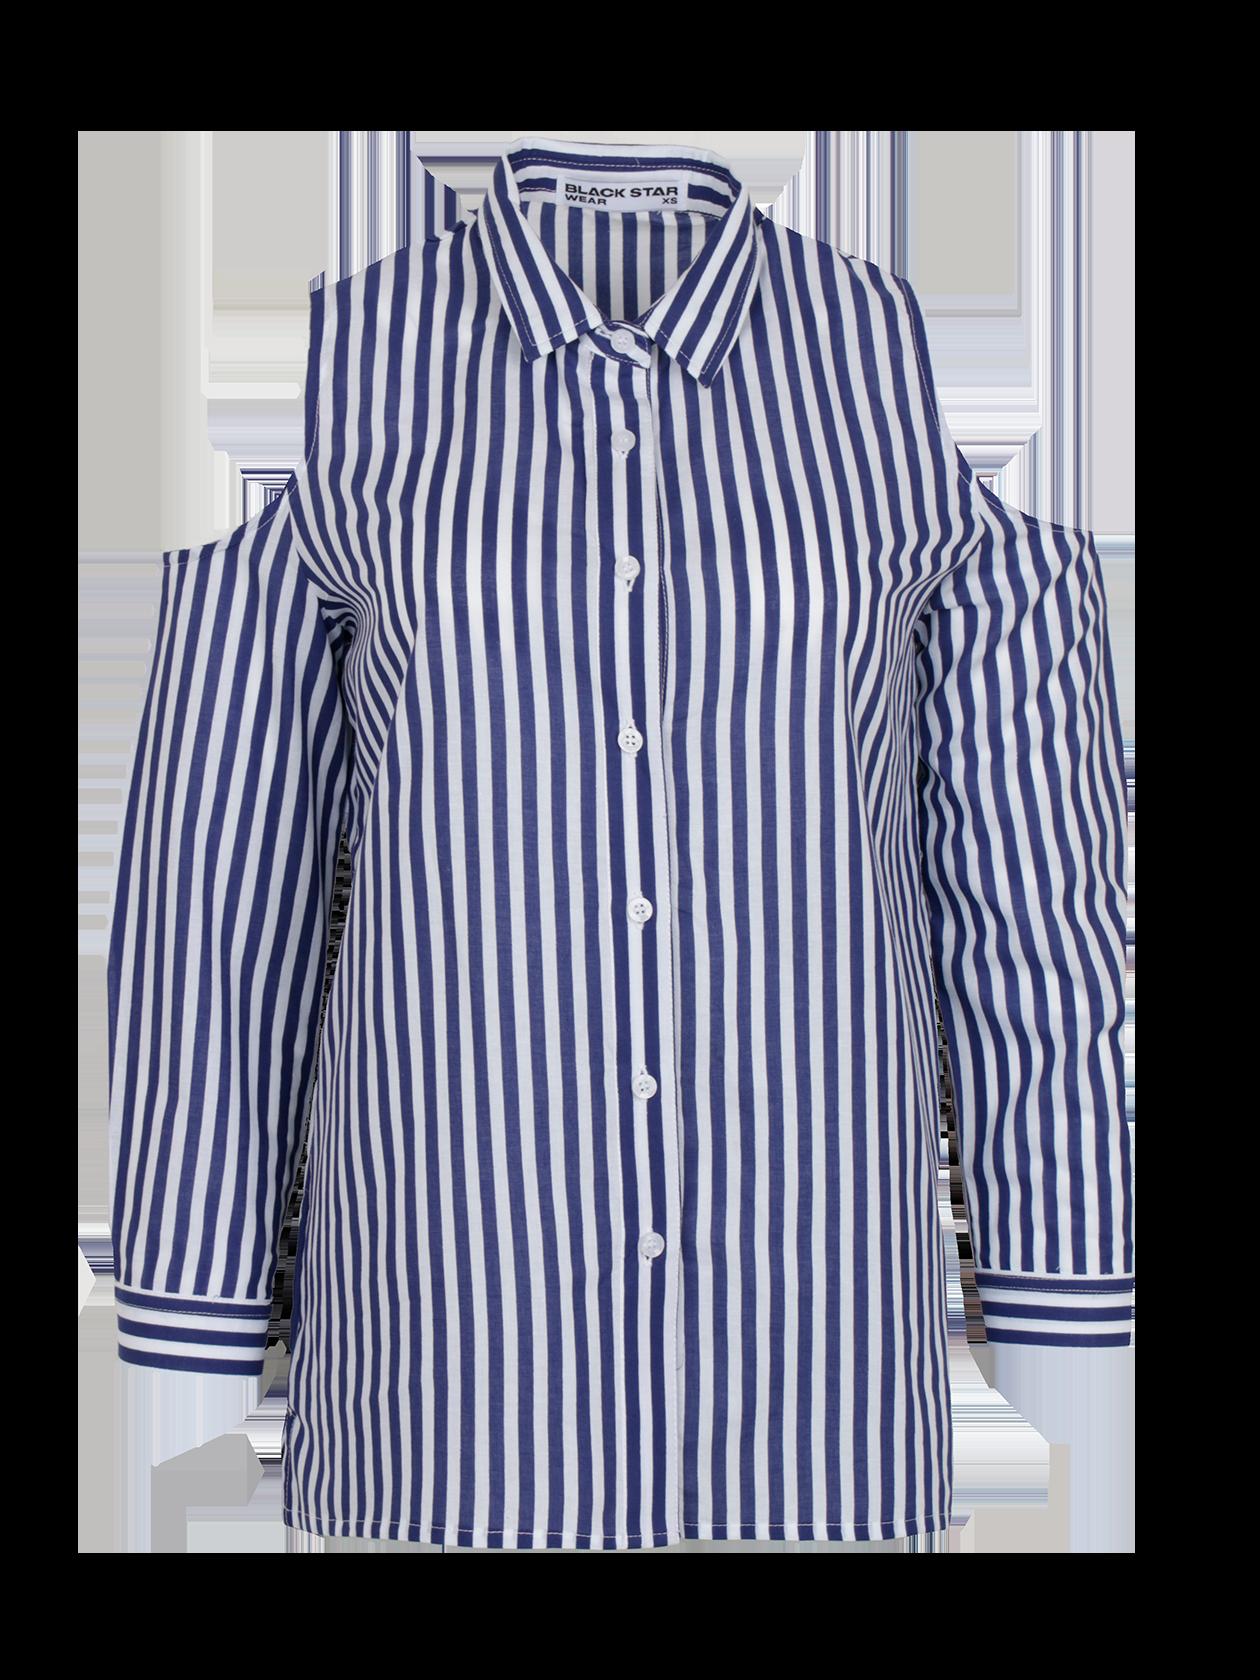 Рубашка женская ROYALTY 13Модная рубашка женская Royalty 13 для создания стильного образа на каждый день. Модель классического дизайна с прямым кроем, рубашечным воротником и планкой с пуговицами. Эффектная фишка изделия – глубокий вырез в верхней части рукавов. Для пошива вещи использовано особое хлопковое полотно, отличающееся практичностью и долговечностью. Рубашка представлена в белой, ментоловой и синий/белой расцветке. Подберите к ней леггинсы, брюки или юбку из коллекции Black Star Wear и станьте настоящей иконой стиля.<br><br>Размер: XS<br>Цвет: Черный/Белый<br>Пол: Женский